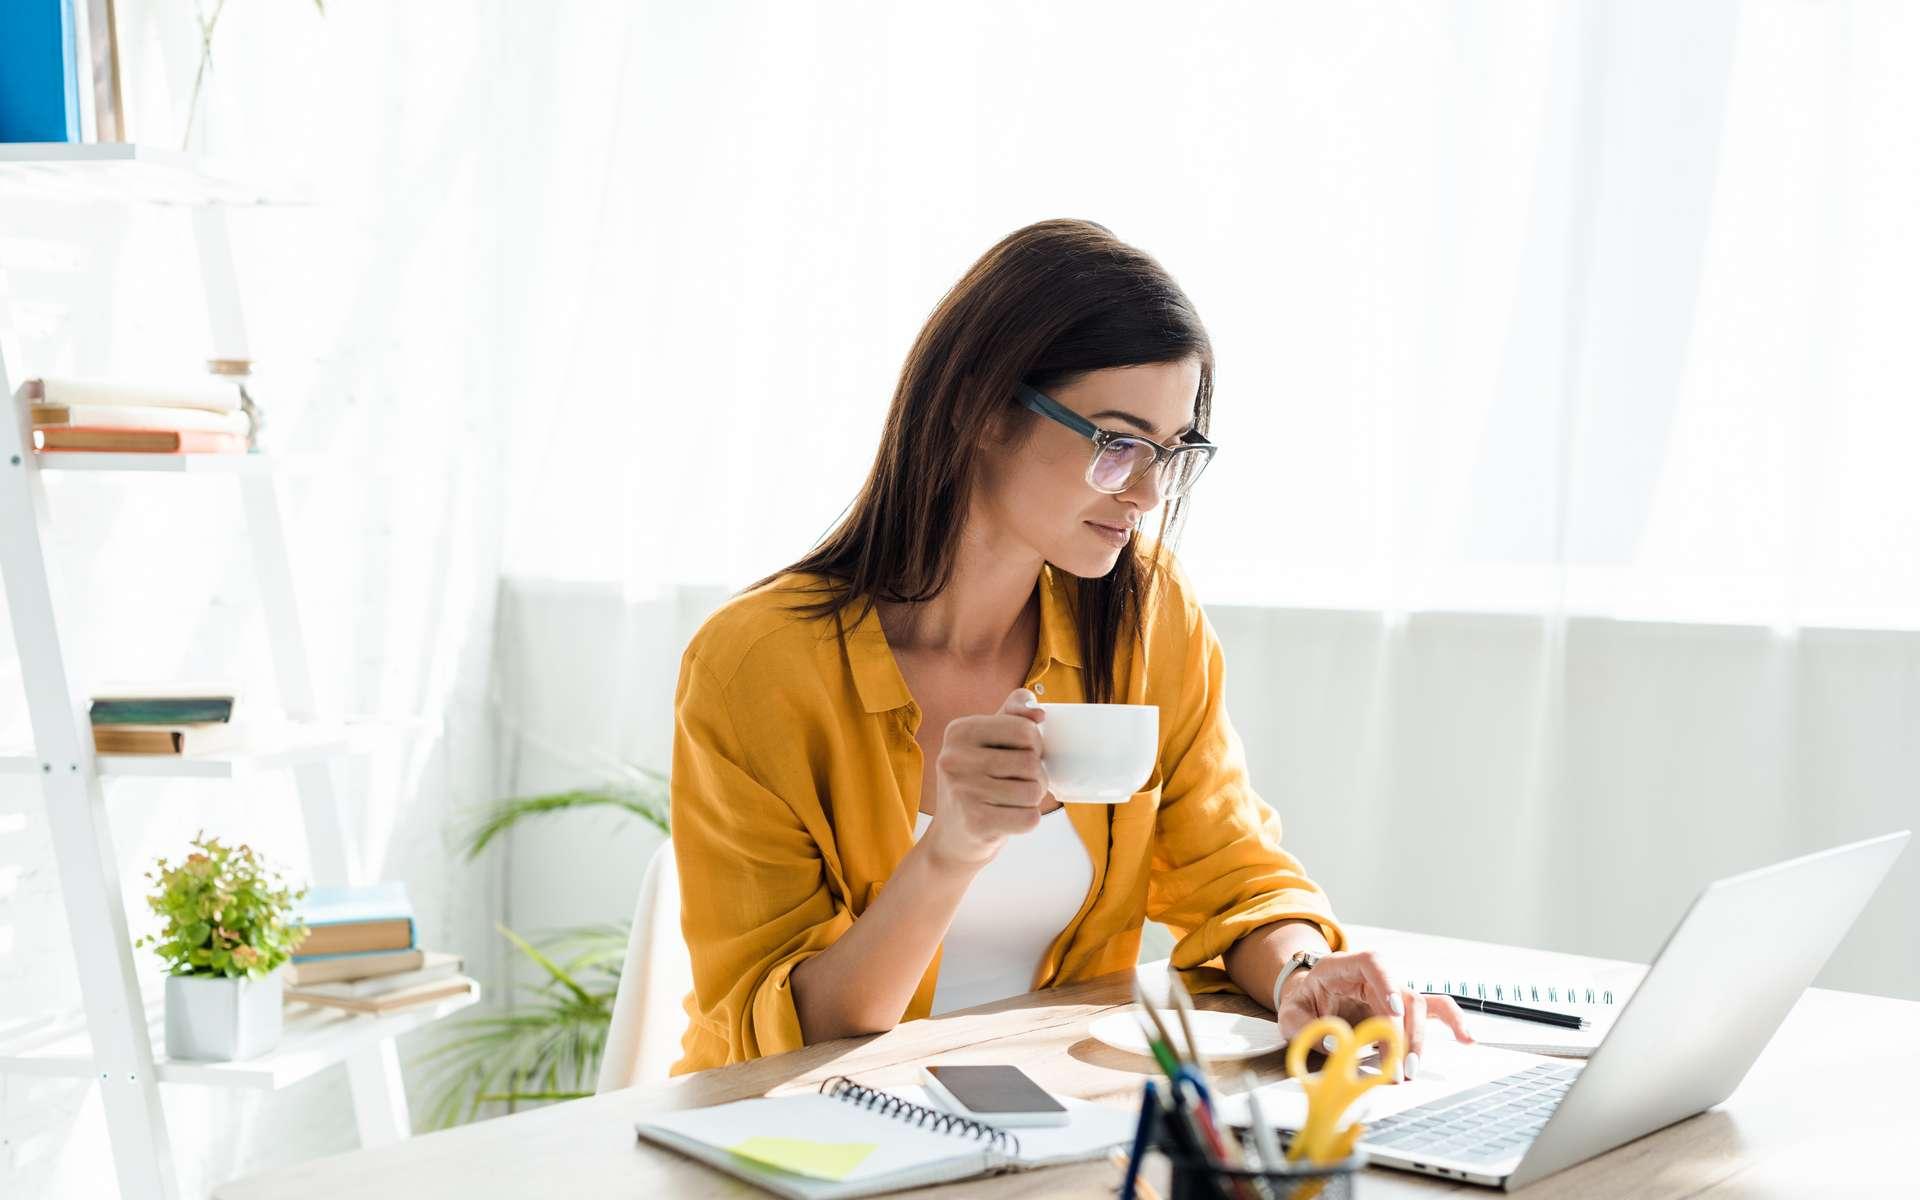 Apprécié des salariés, le télétravail leur offre plus d'autonomie et de responsabilités grâce à la confiance des employeurs. © Lightfield Studios, Adobe Stock